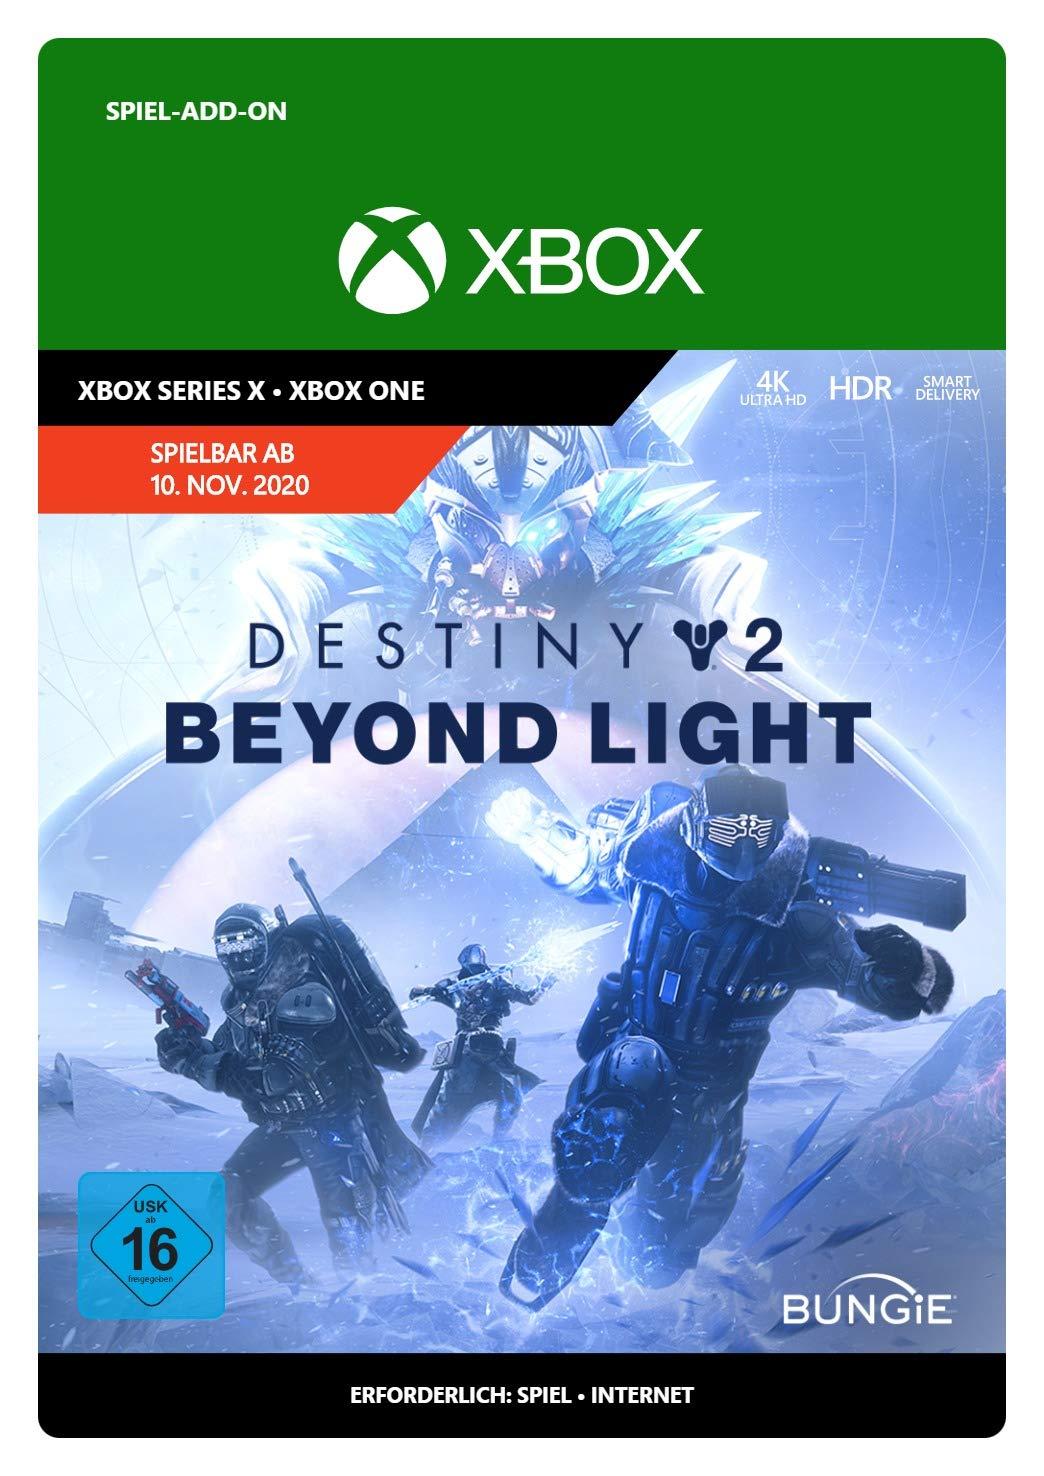 Destiny 2: Jenseits des Lichts - Wertung